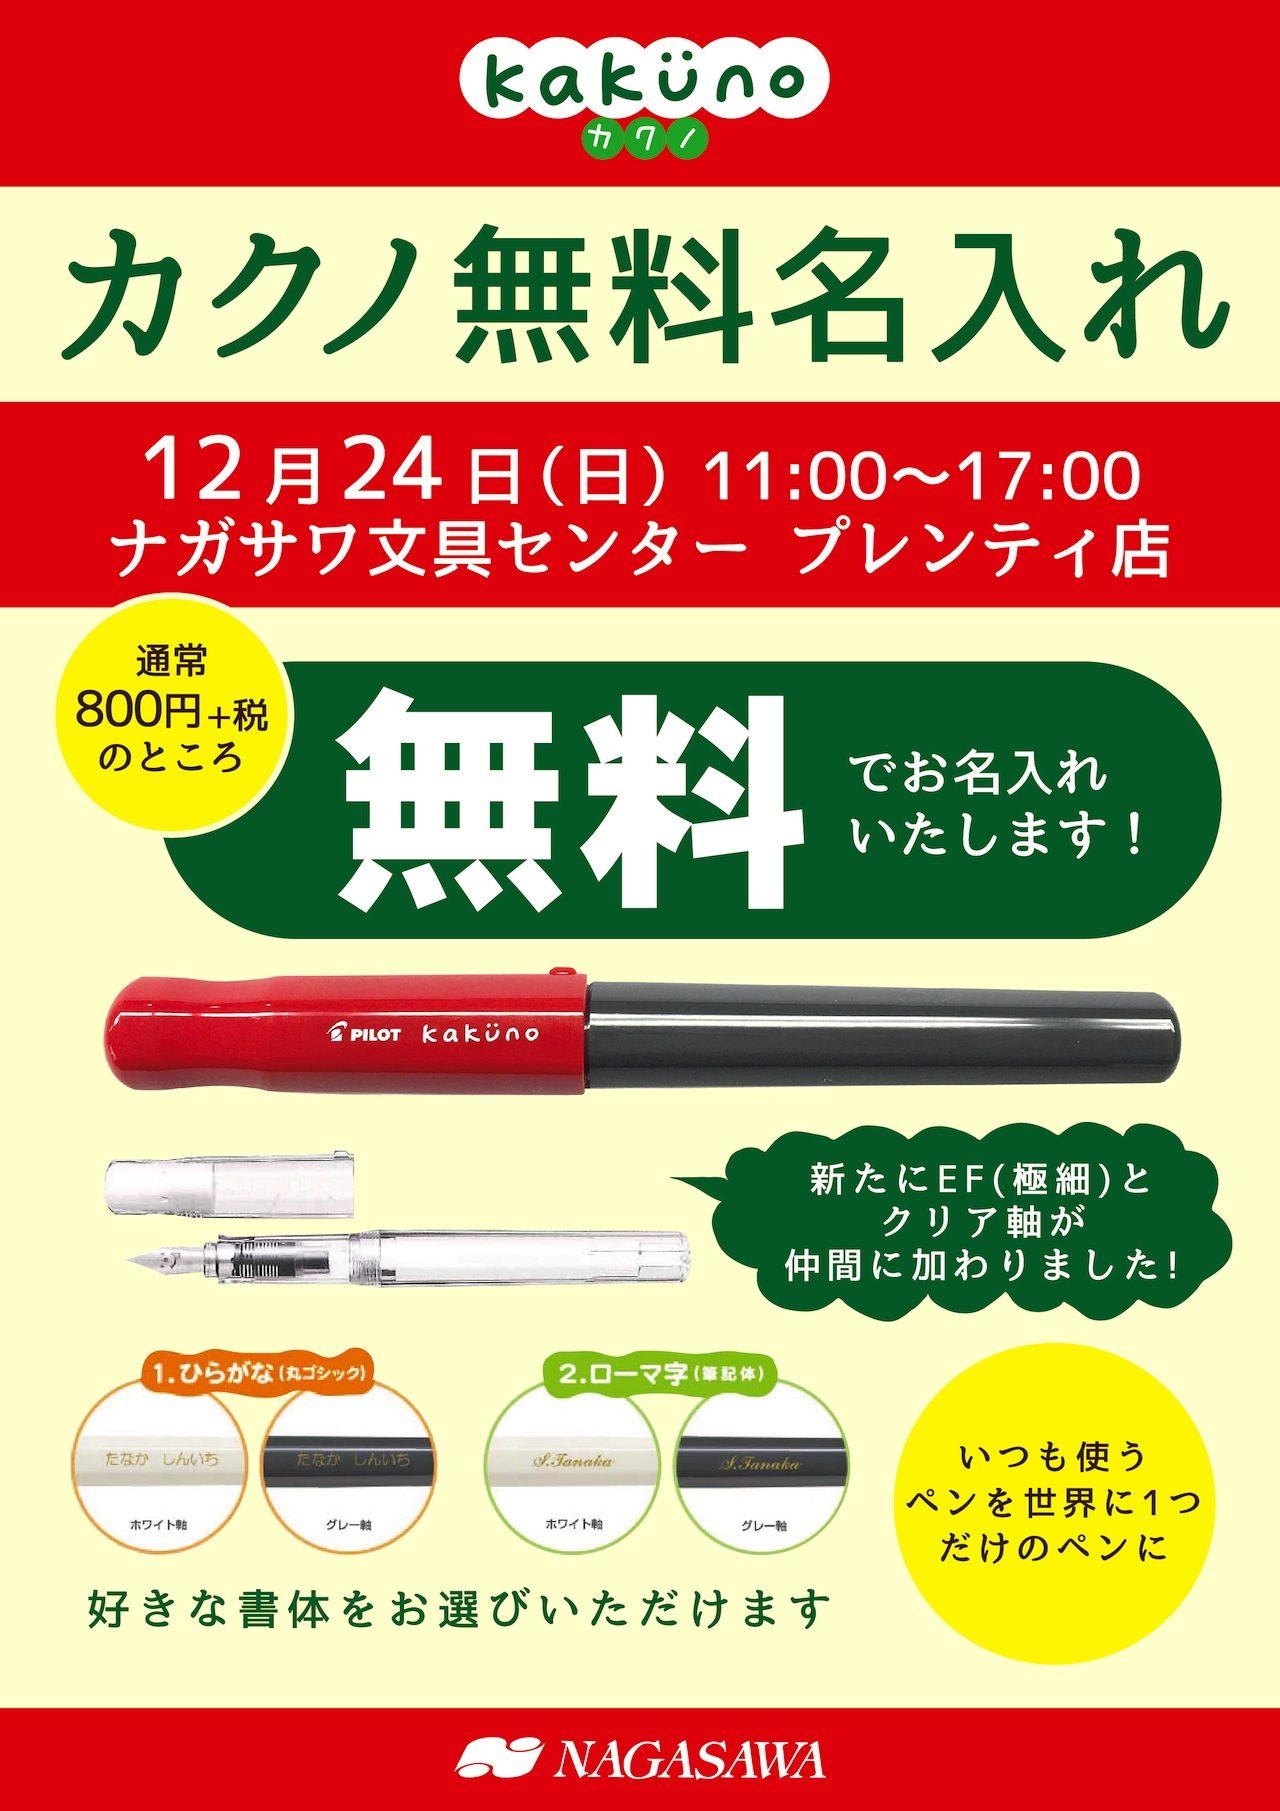 イベント|書くのが楽しくなる万年筆『PILOT kakuno(カクノ)』に無料でお名前お入れします! @ 西神中央プレンティ